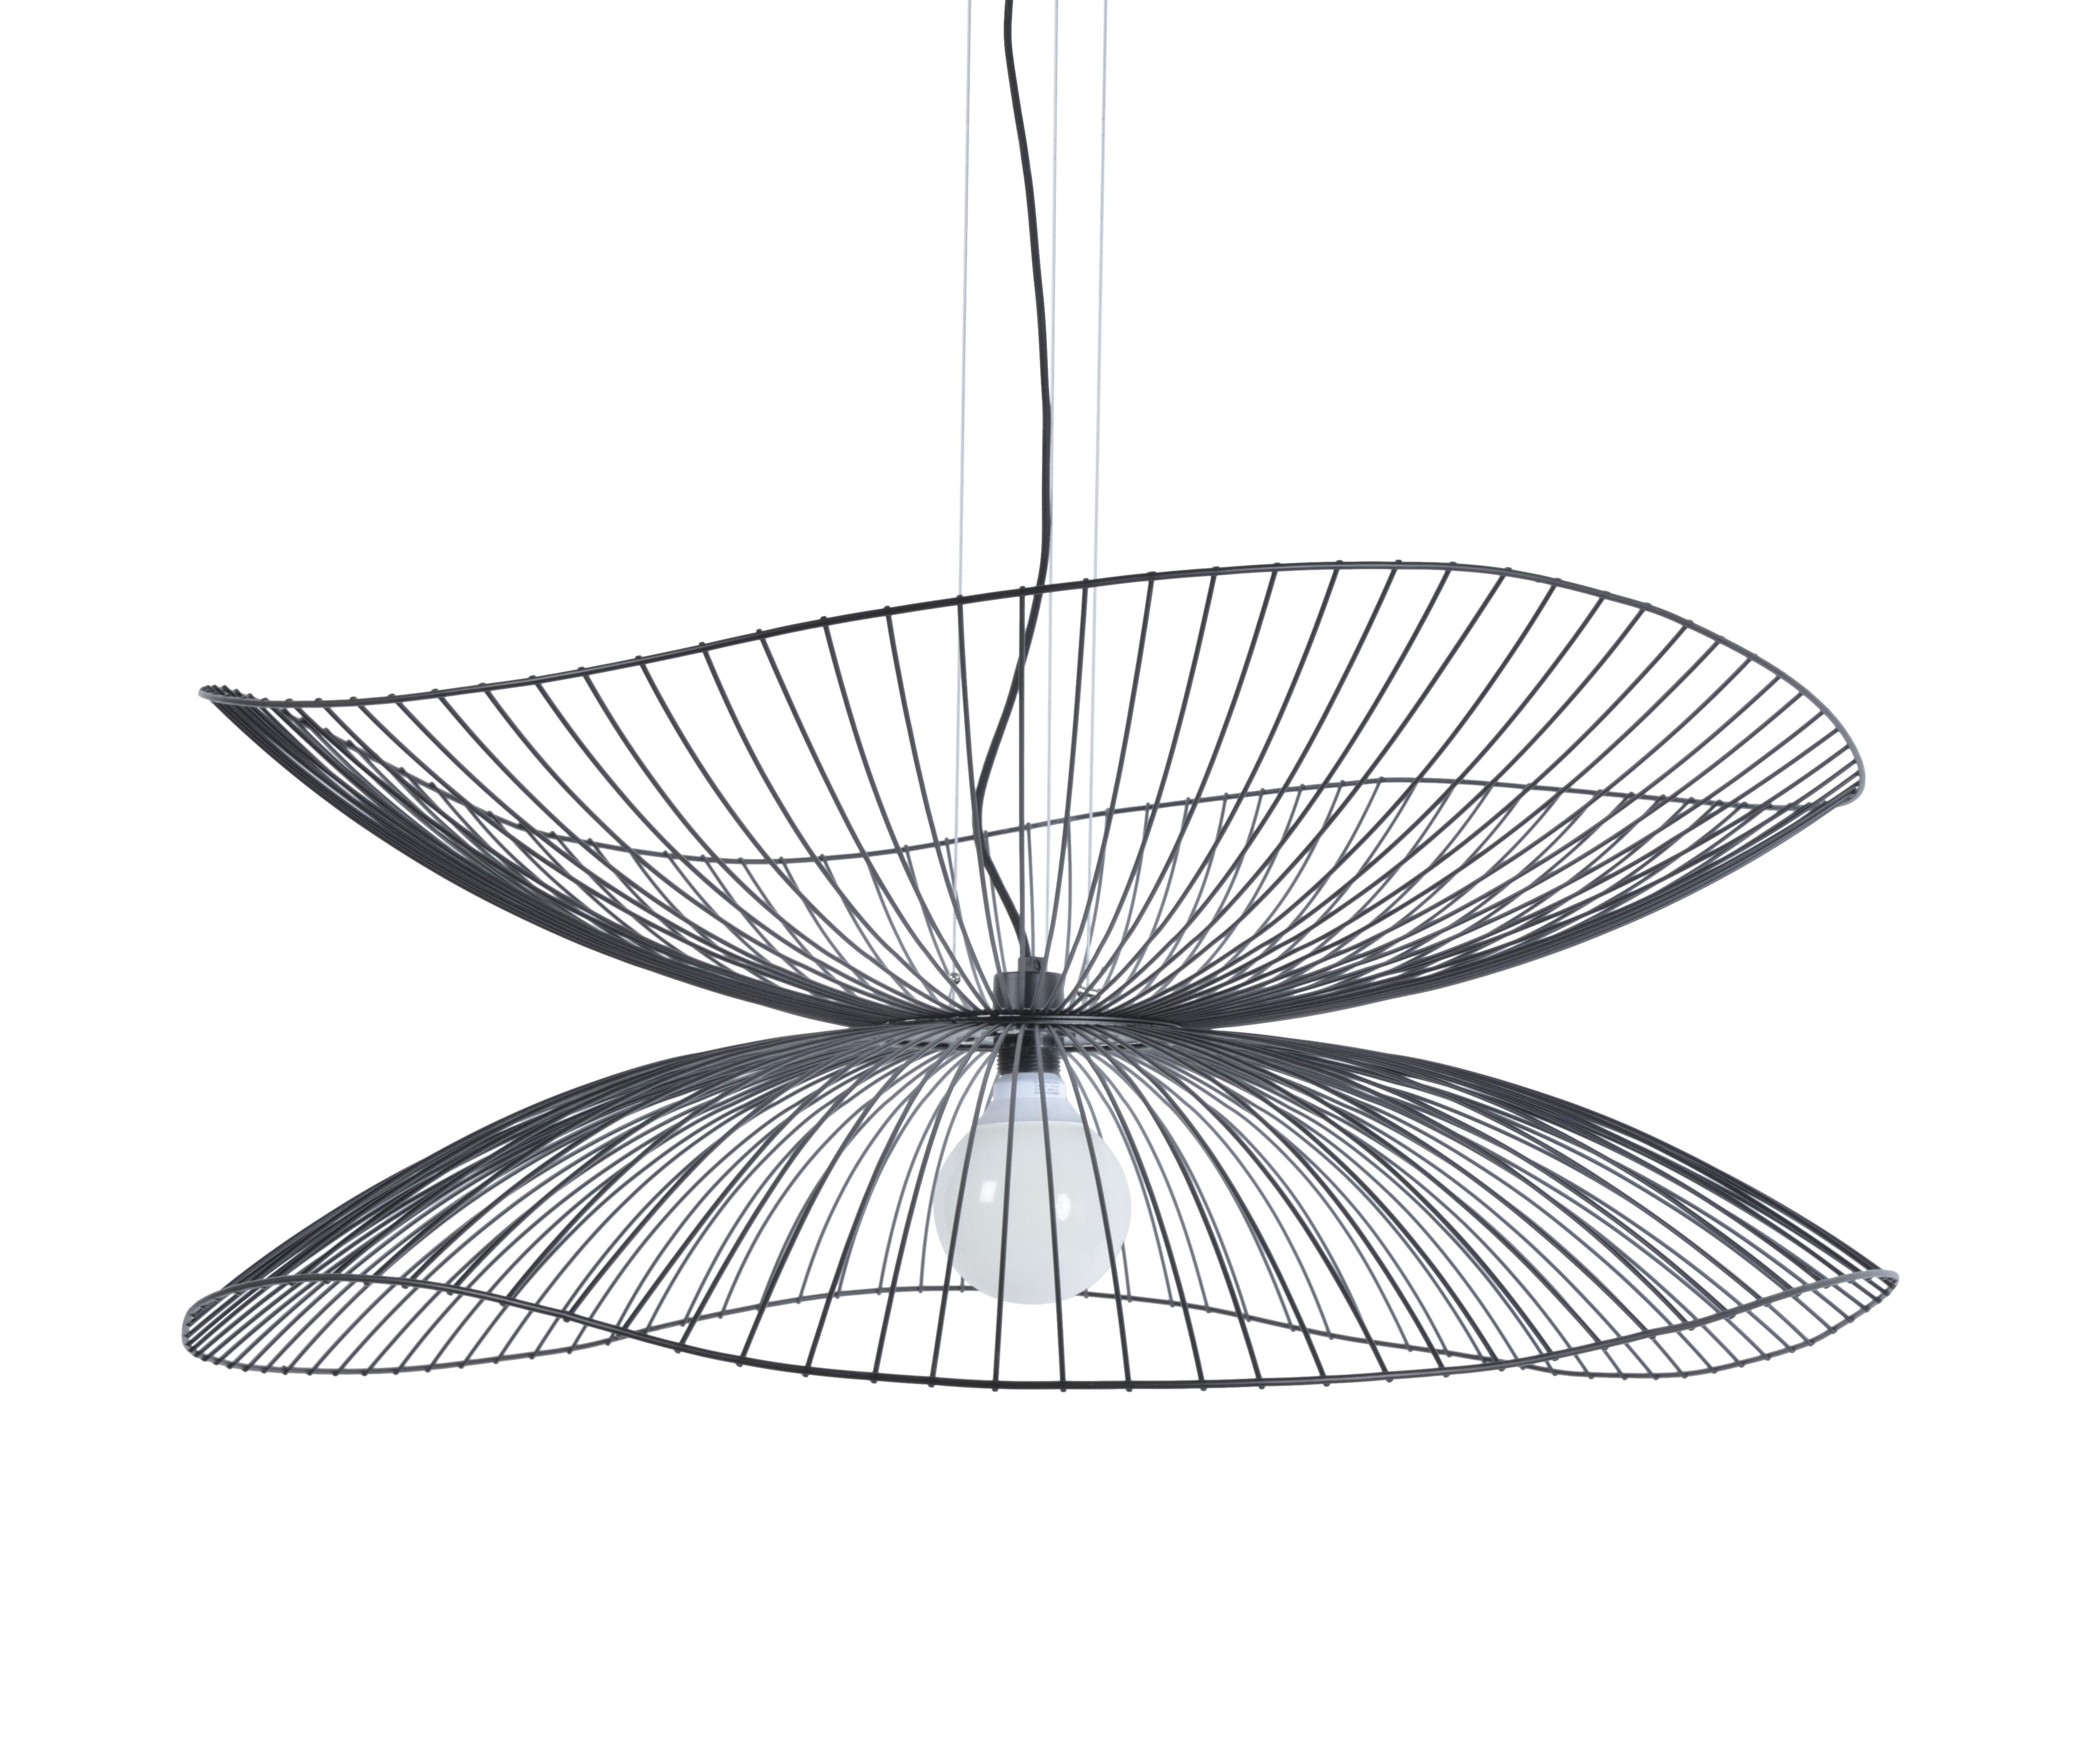 Luminaire - Suspensions - Suspension Libellule Large / Ø 100 x H 40 cm - Forestier - Noir - Fils de fer laqués